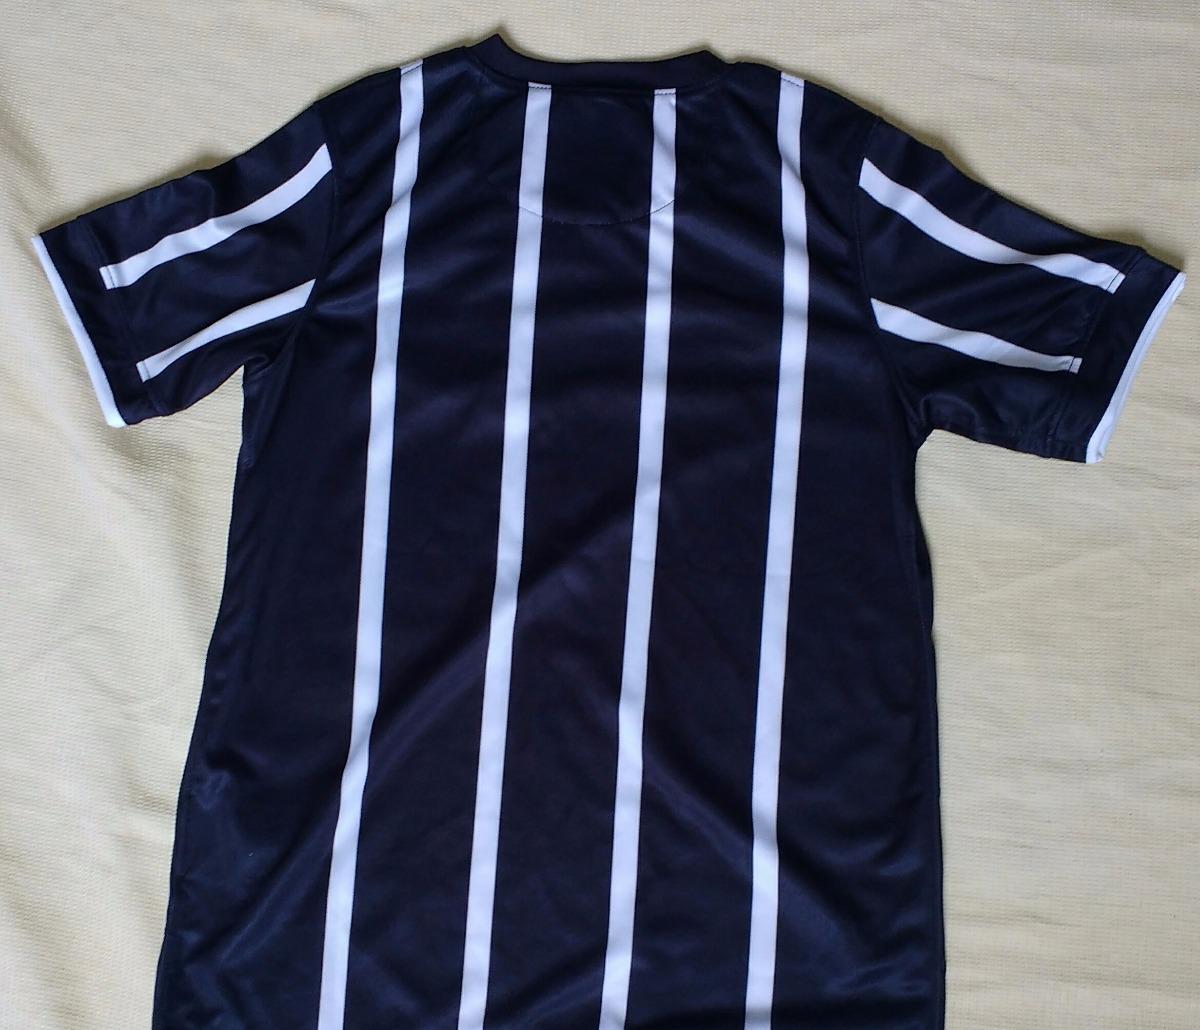 camiseta corinthians feminina listrada nike sem patrocínio. Carregando zoom. f99e0d70687f4